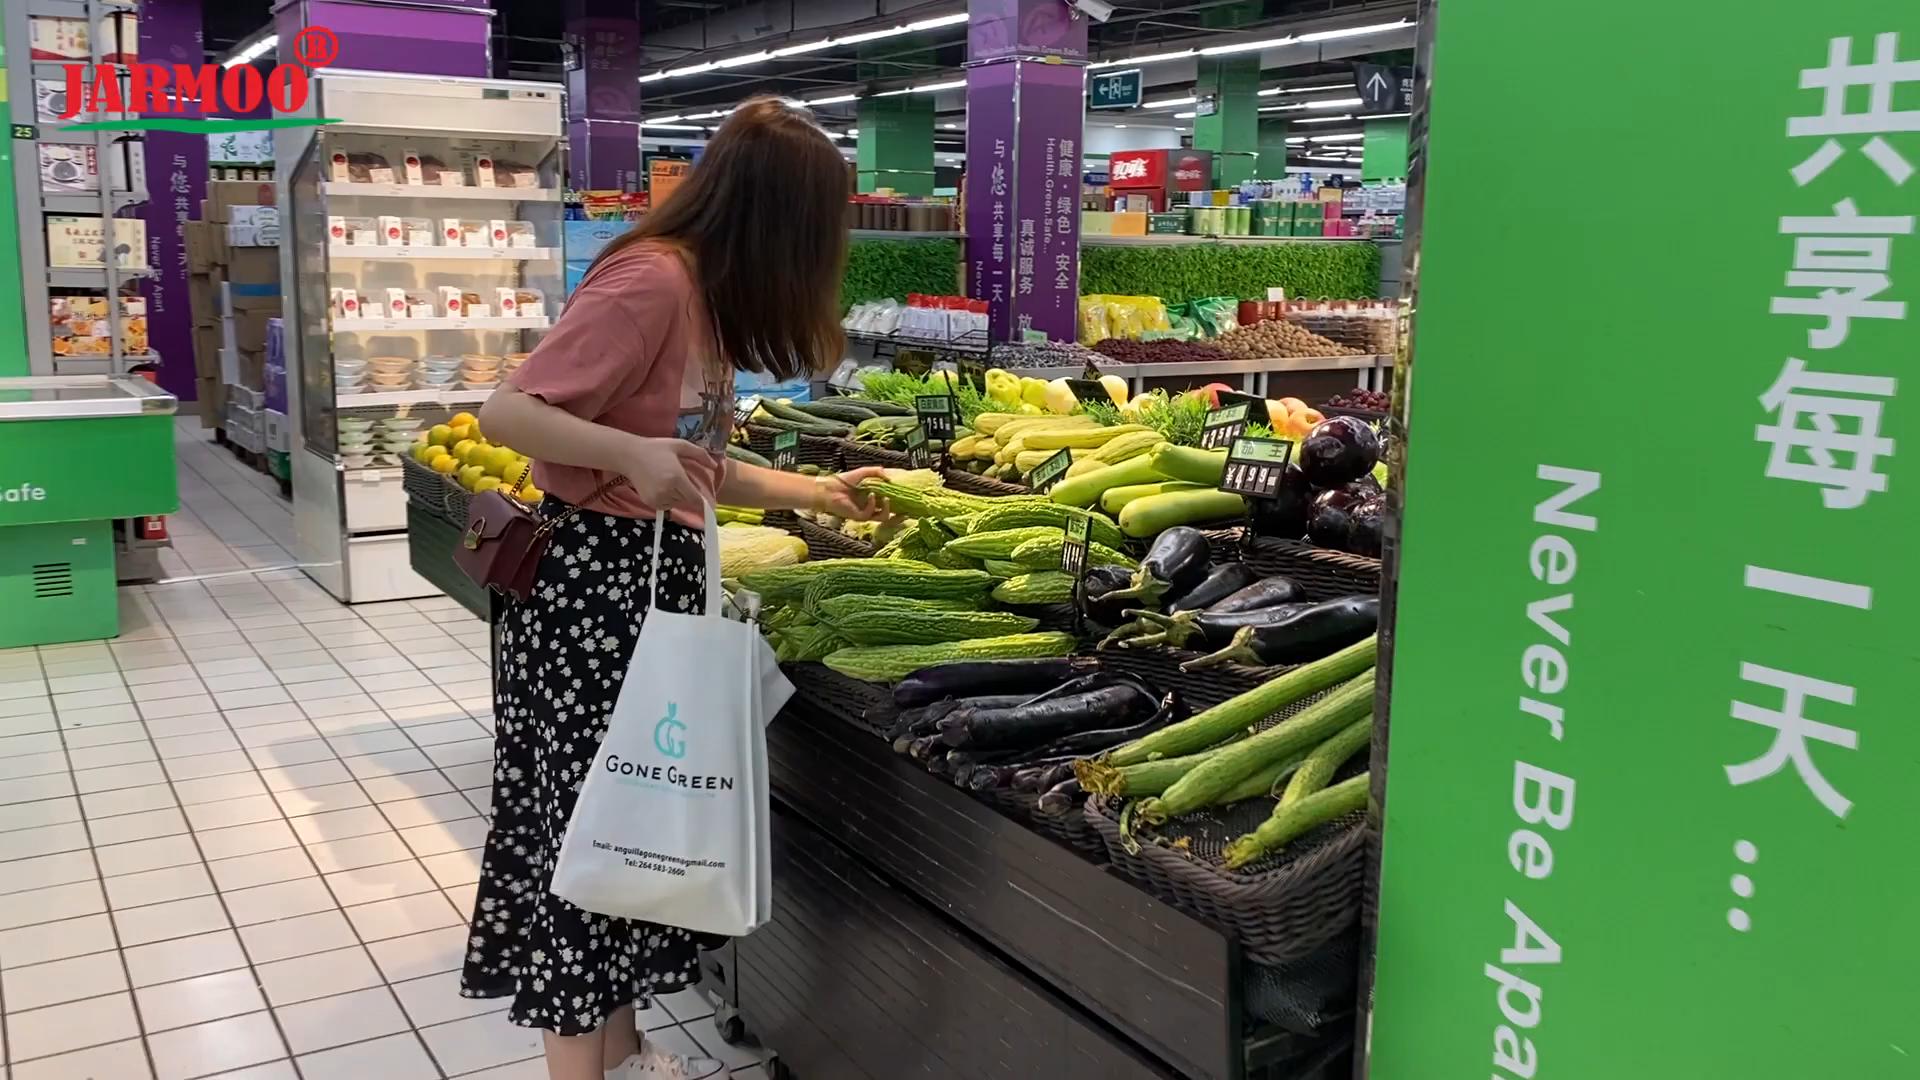 染料昇華カスタムプリントエコ溶剤再利用可能なショッピングトートバッグ